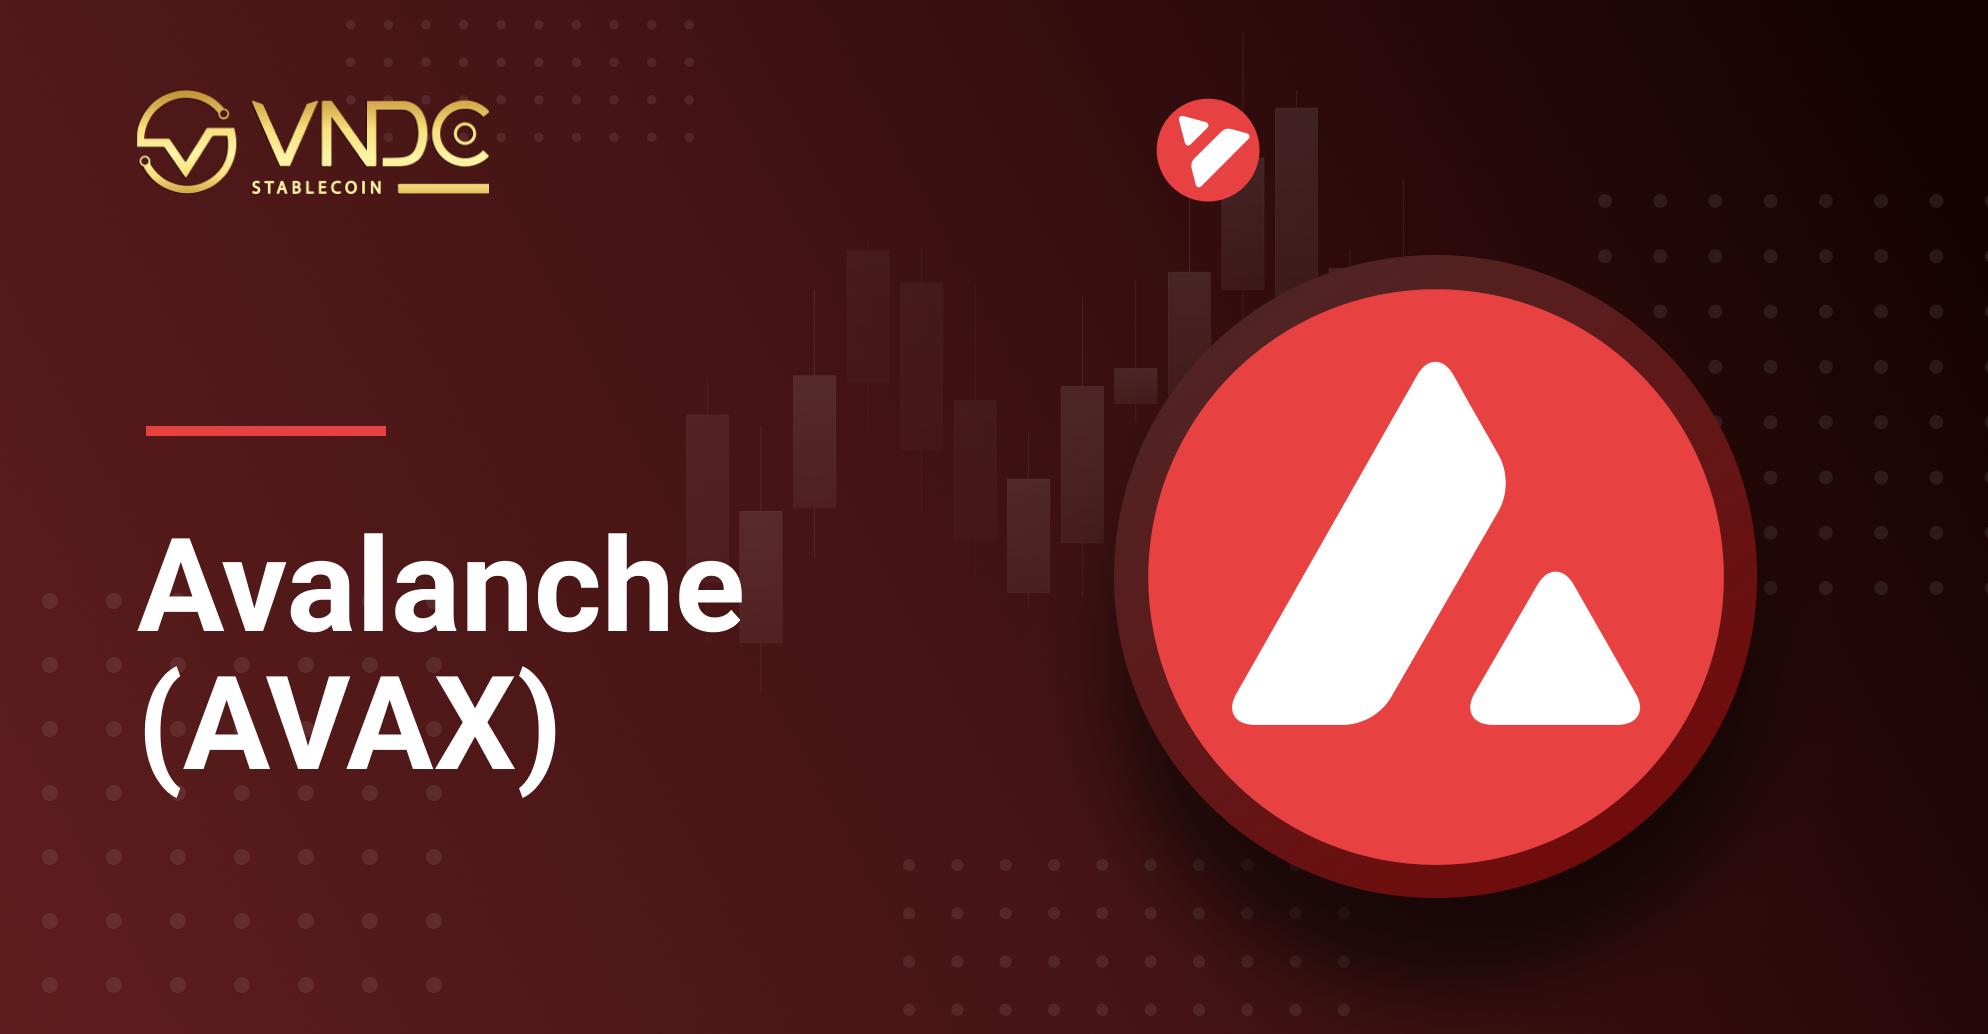 Chính thức niêm yết Avalanche Token (AVAX) trên VNDC Wallet ngày 28/04/2021